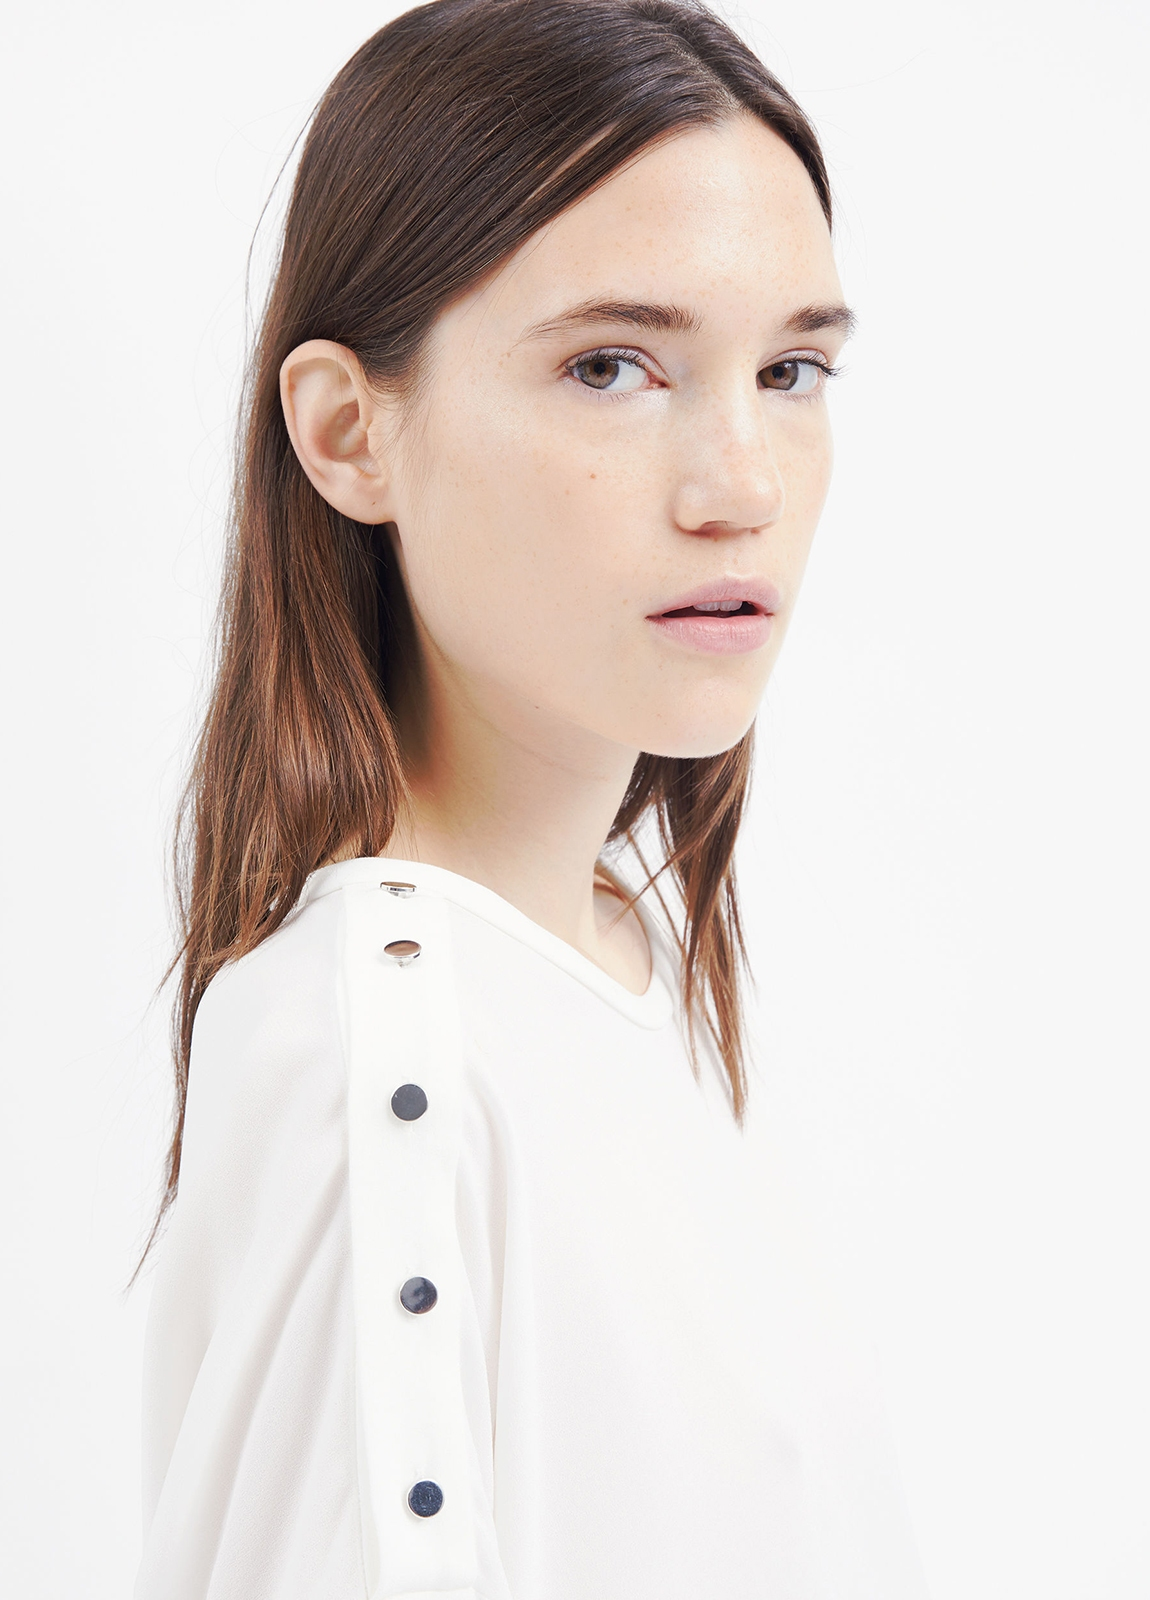 Camiseta woman color blanco con manga acampanada y detalles de botones en hombro. 71% Triacetato 29% Poliéster. - Ítem1